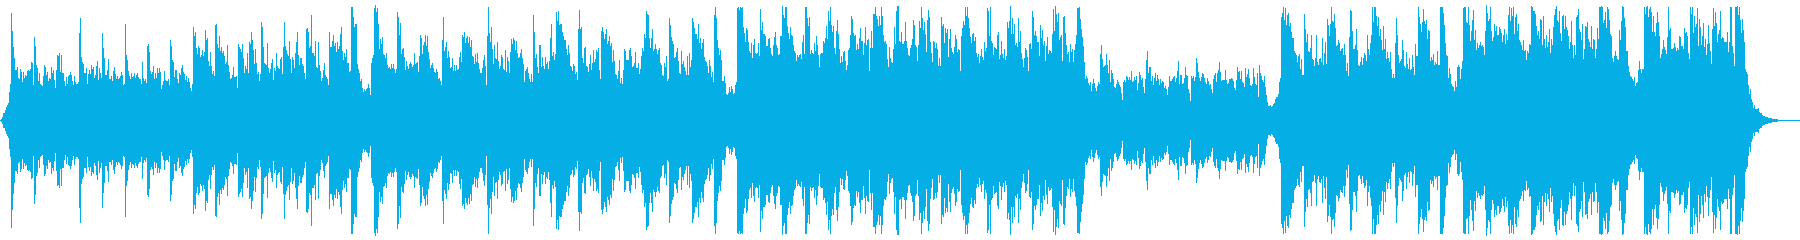 華やかなピアノ&オーケストラ x1回の再生済みの波形